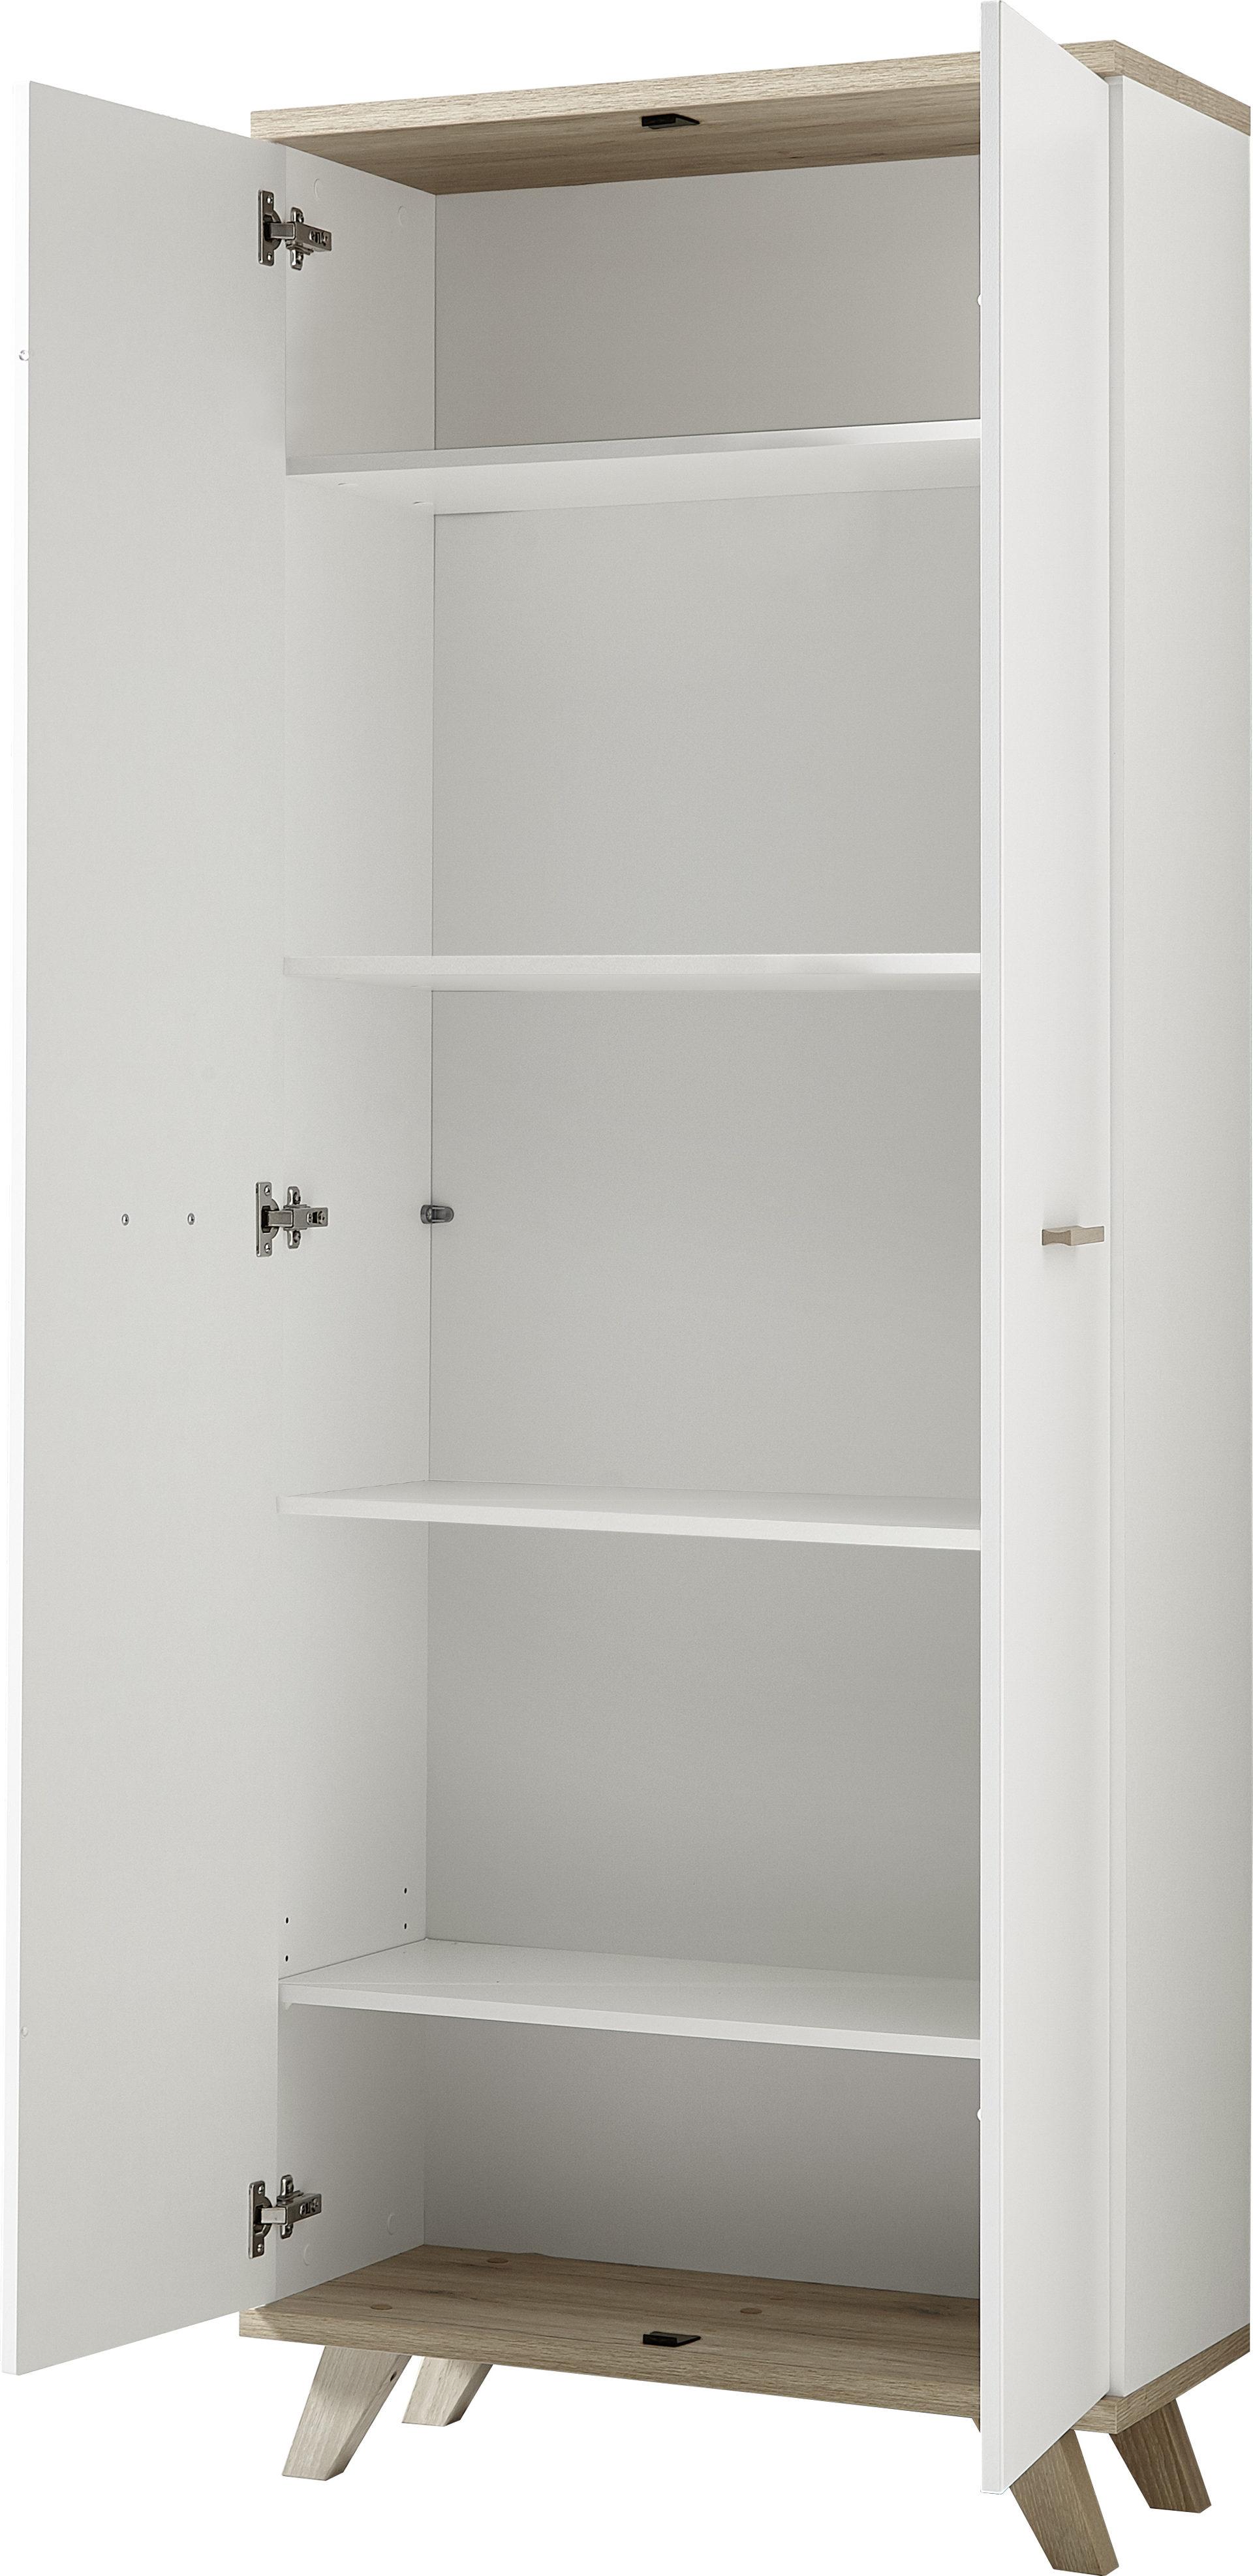 Möbel Bohn Crailsheim, Möbel A-Z, Schränke + Wohnwände, Büroschränke ...